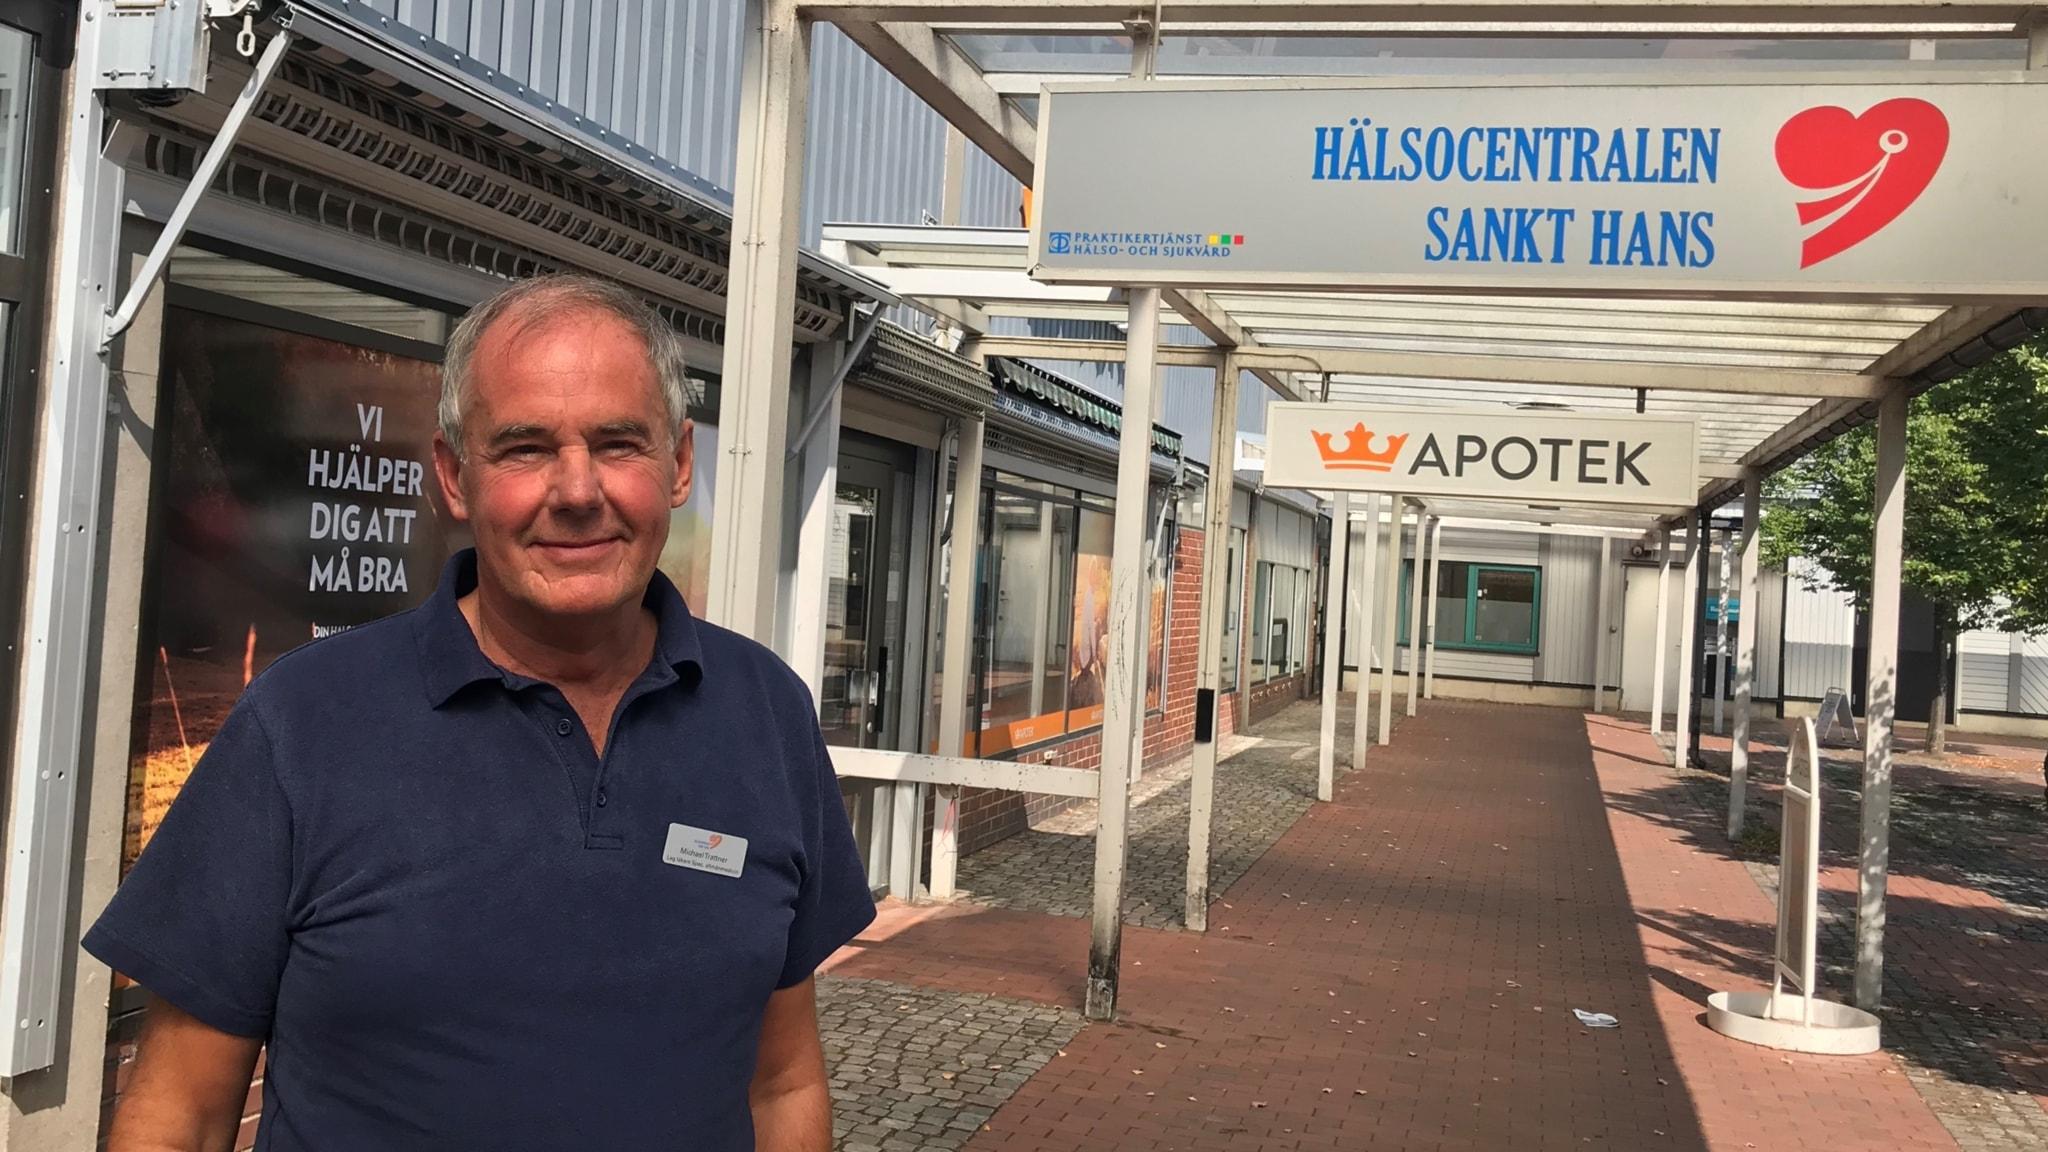 Sankt Hans Grnd 54 Skne ln, Lund - omr-scanner.net